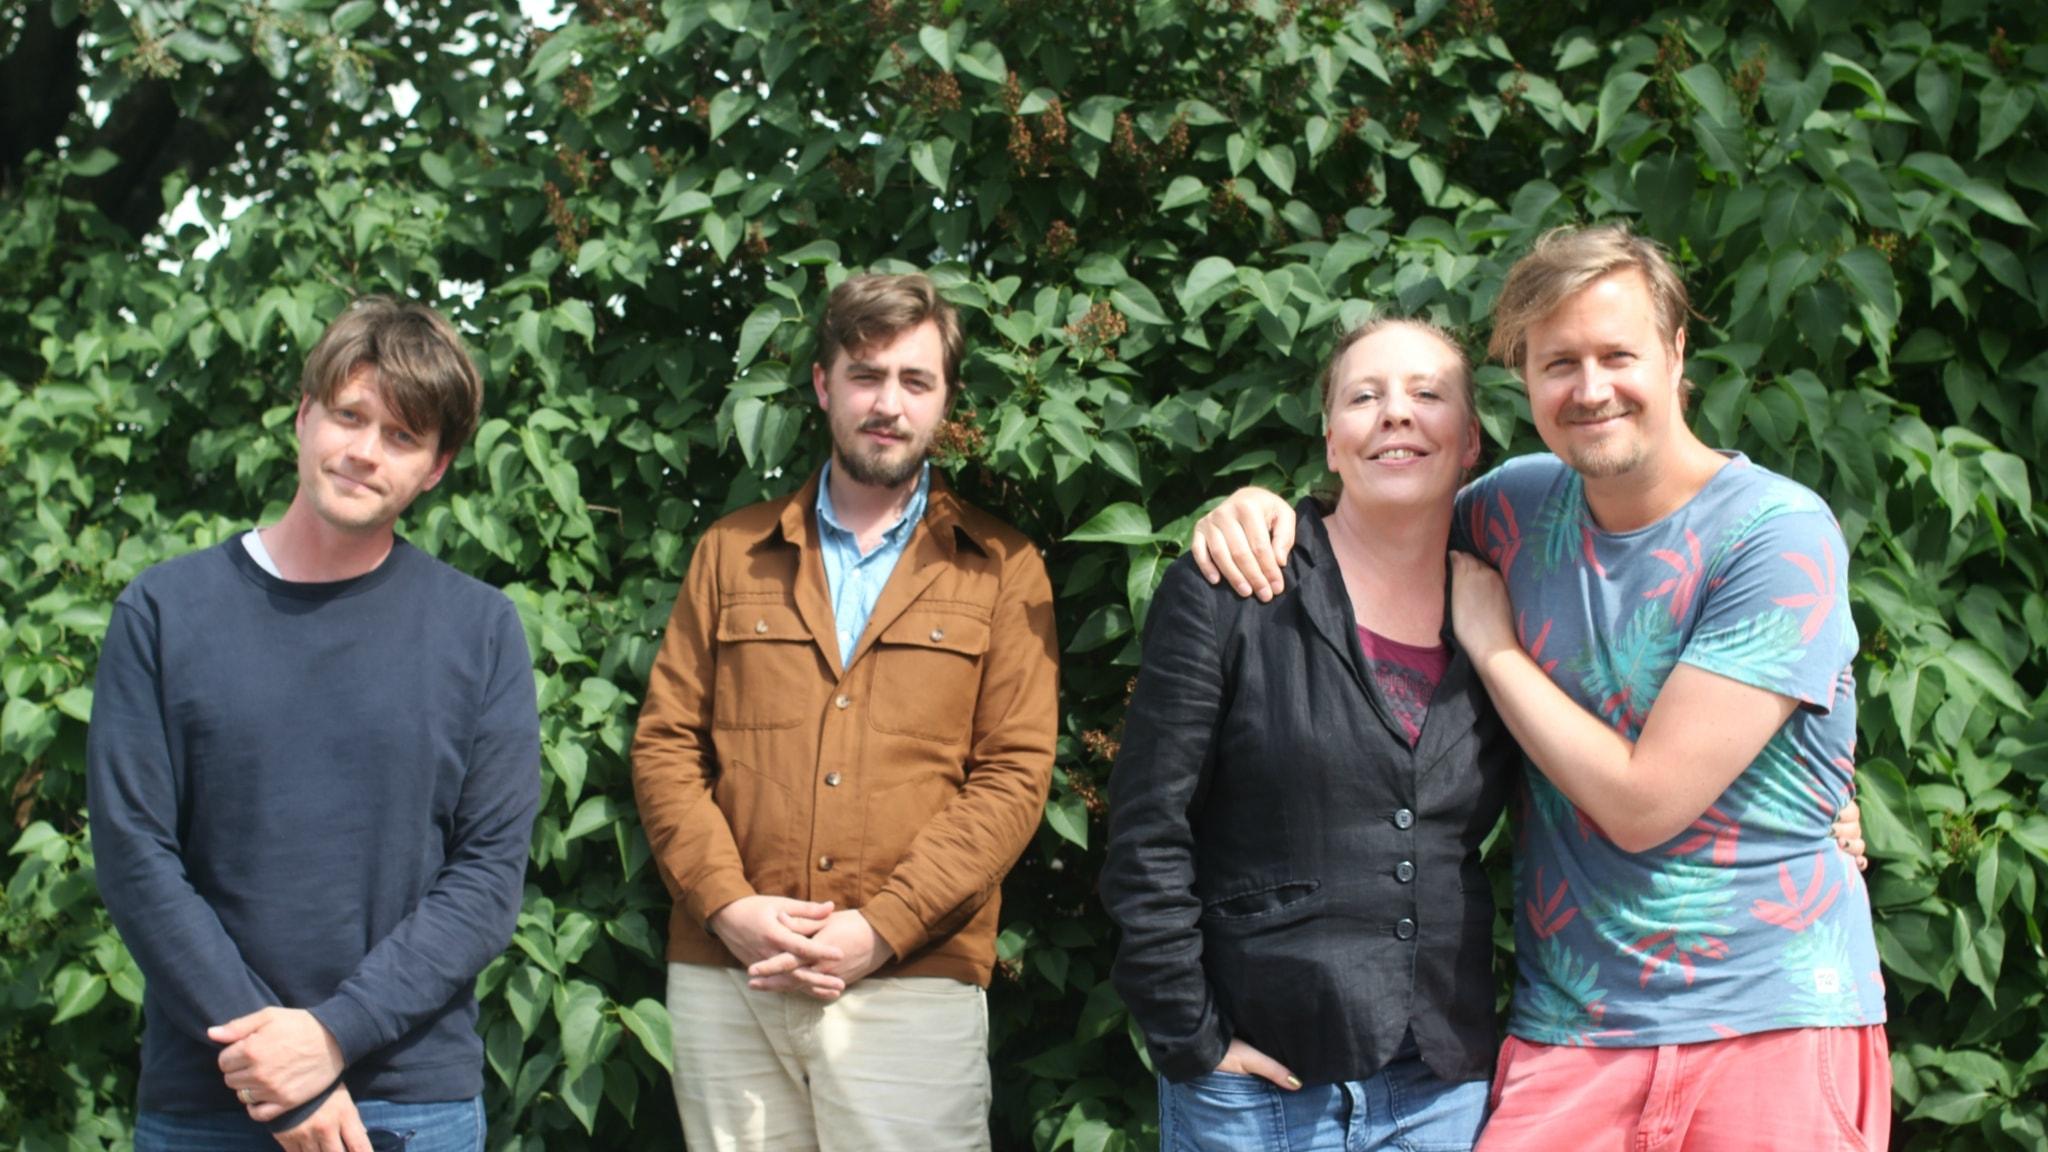 Daniel Sjölin, Jack Werner, Martina Montelius och Jörgen Lötgård